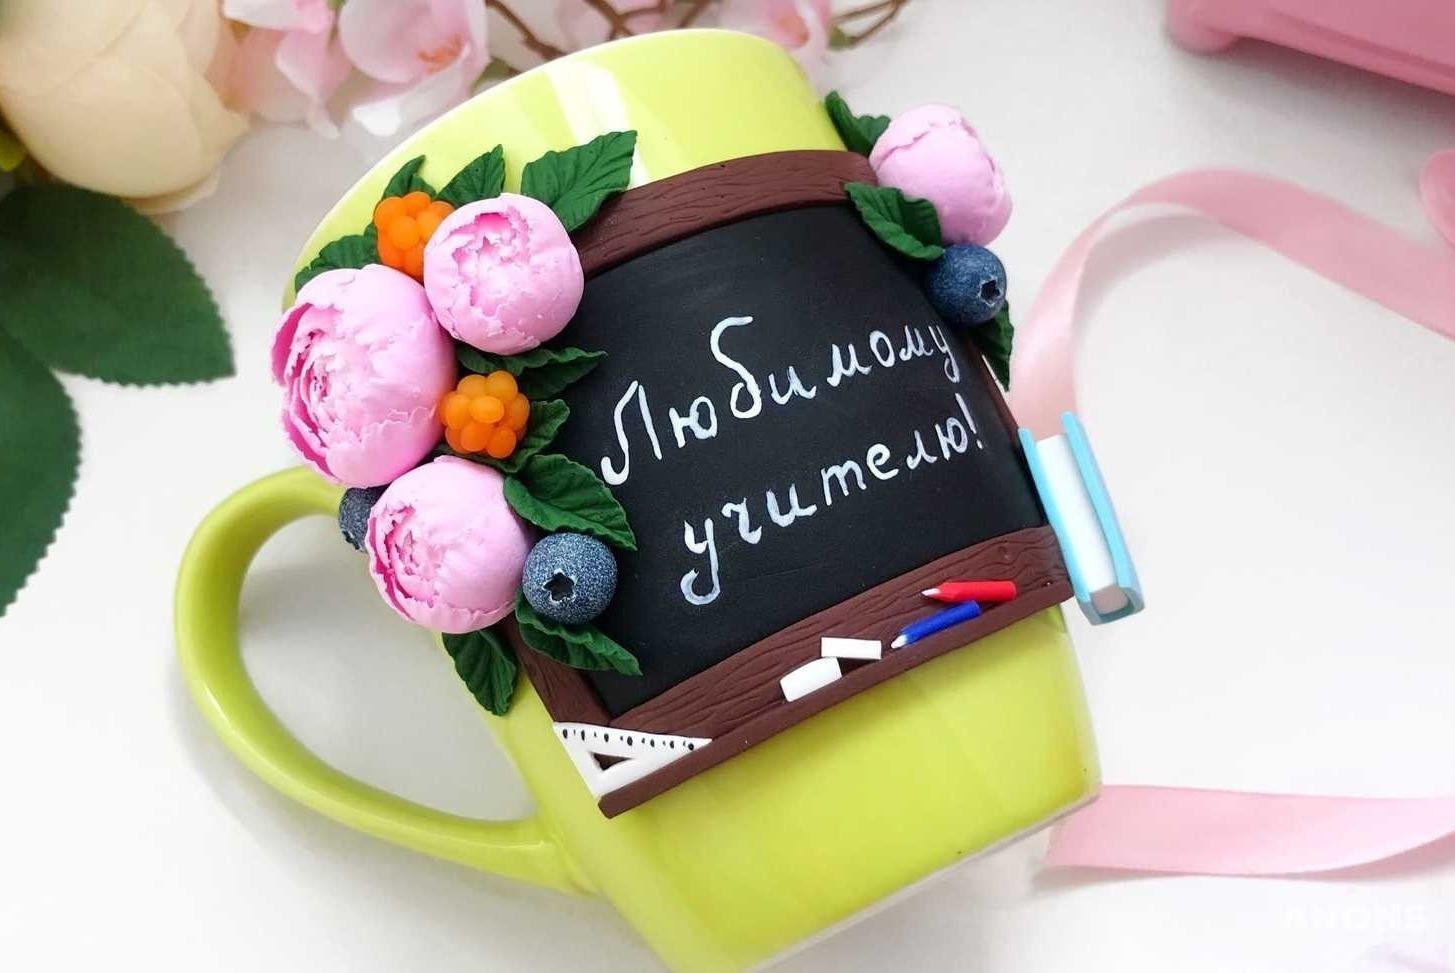 Чашка с керамическим лепным декором ко Дню учителя